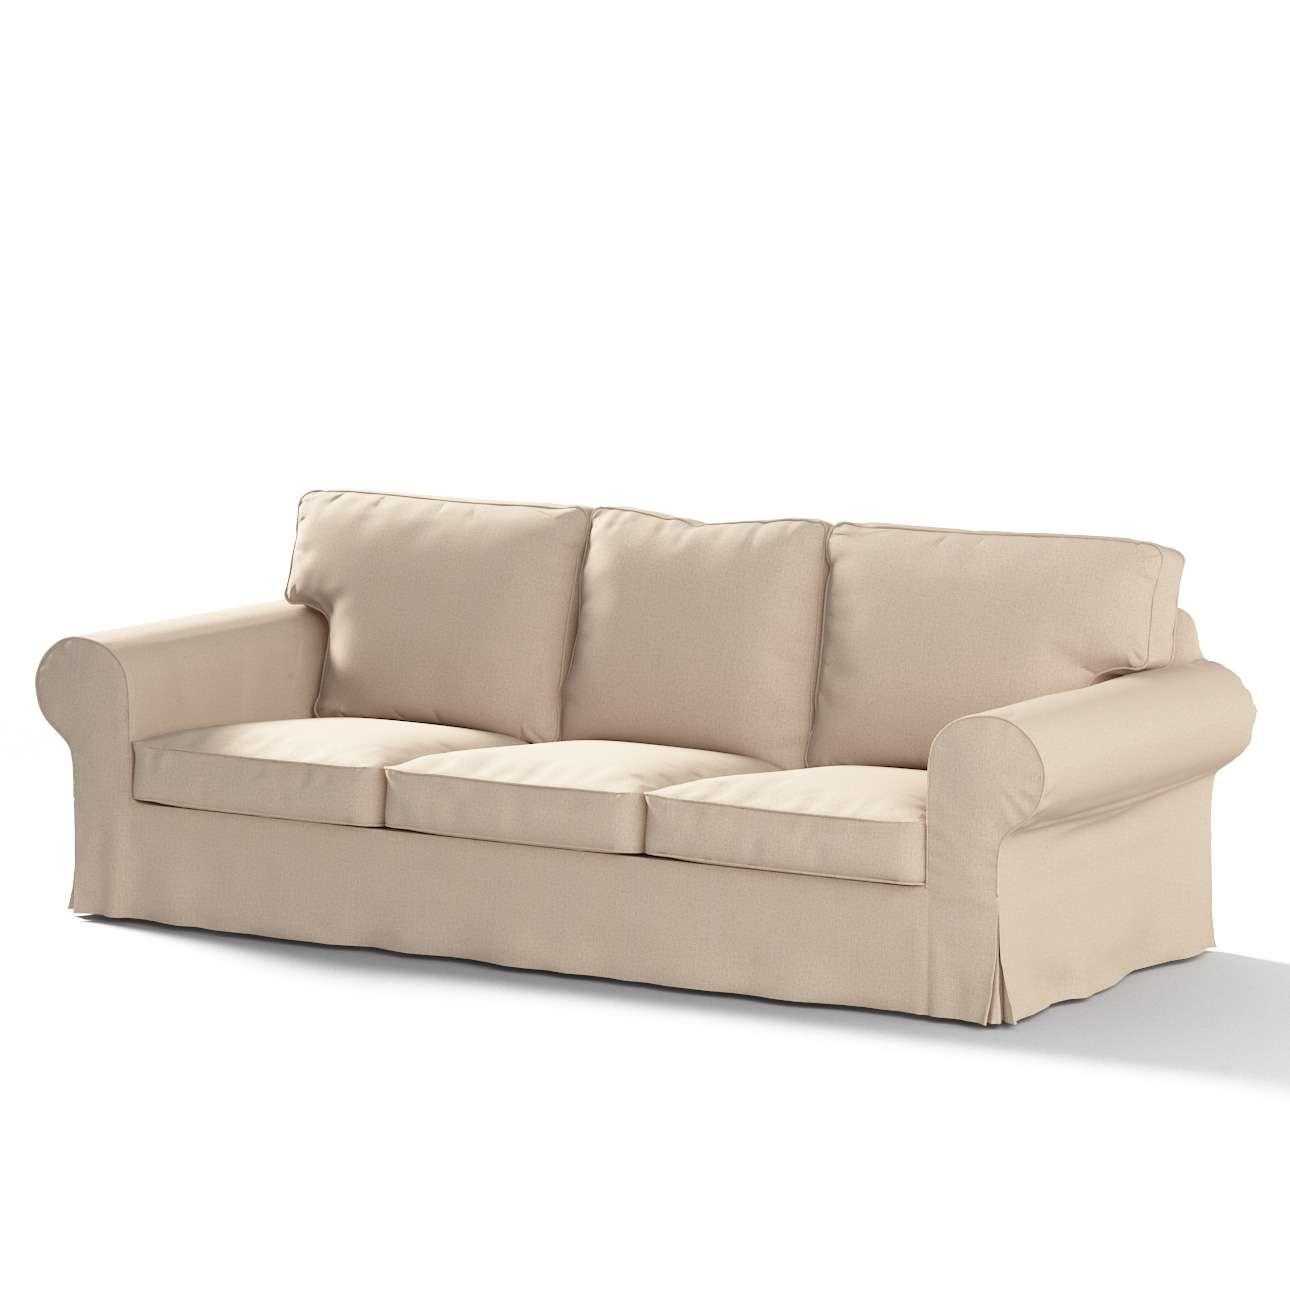 Potah na pohovku IKEA  Ektorp 3-místná, nerozkládací pohovka Ektorp 3-místná v kolekci Edinburgh, látka: 115-78